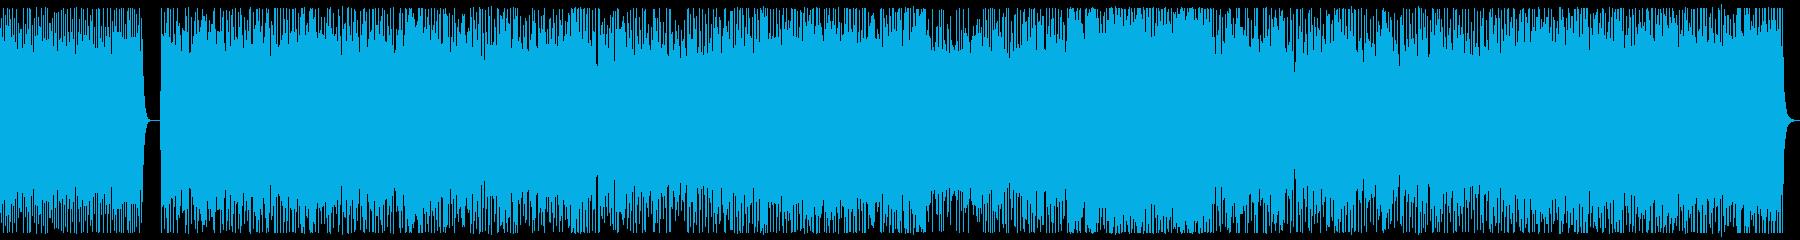 ヘビーメタル戦闘曲 ダークフィールドの再生済みの波形